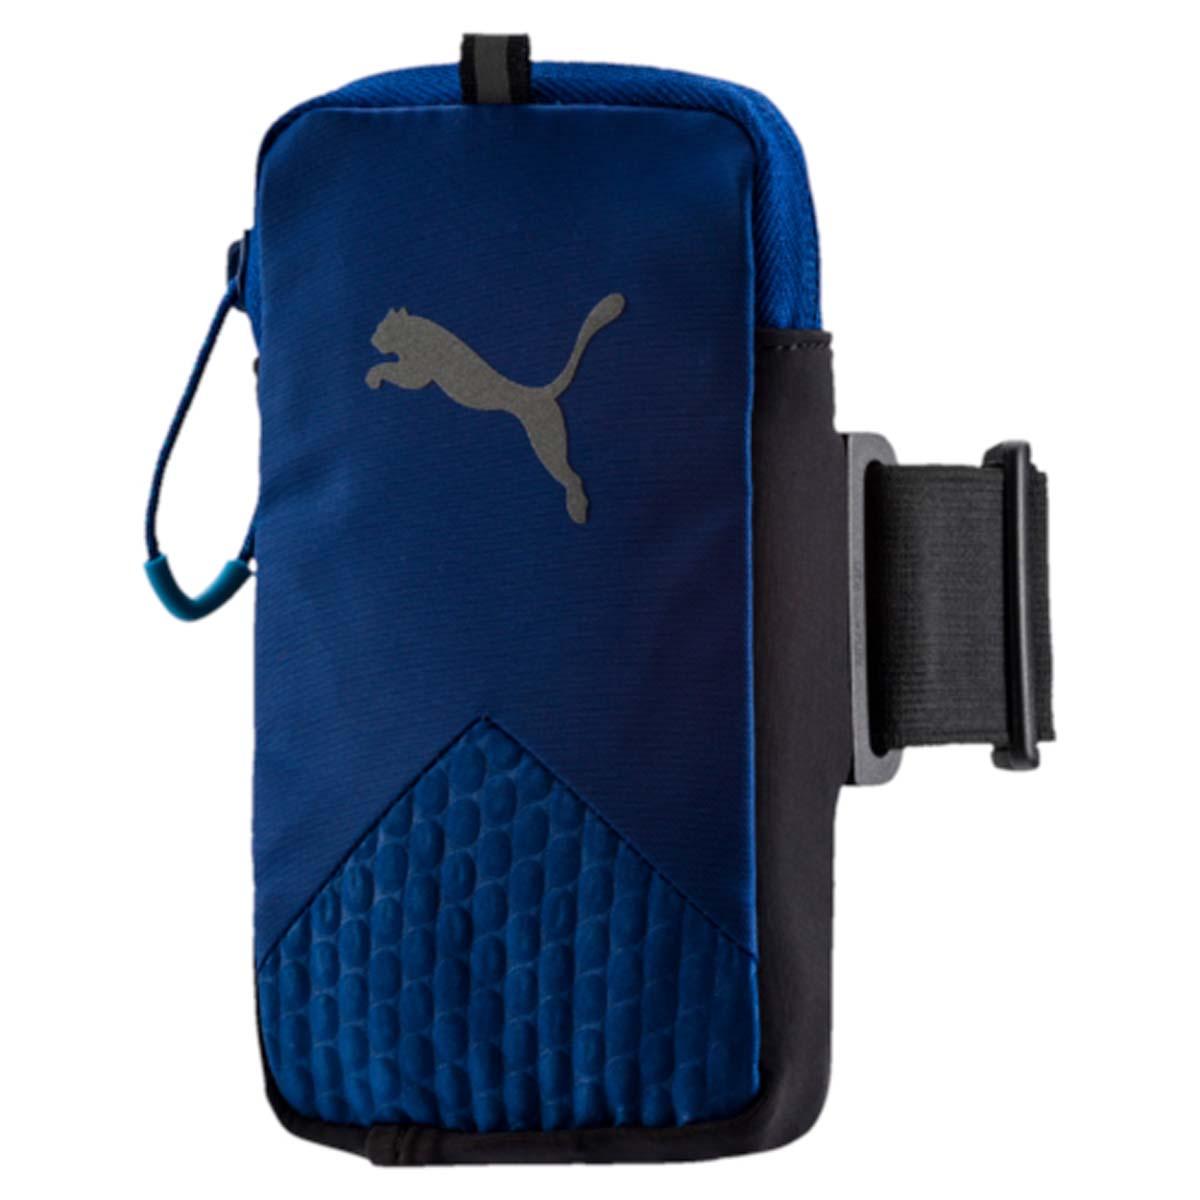 Сумка-чехол для моб устройств Puma Pr Arm Pocket, цвет: синий. 0531420205314202Чехол на руку PR Arm Pocket - это незаменимый аксессуар для спортсменов и людей, ведущих активный образ жизни. Изделие предназначено для ношения смартфона. Оно крепится к плечу на эластичном ремне и оснащено специальным выходом для подключения наушников или гарнитуры. Подходит для электронных устройств размером 8 см x 14 см. Основное отделение на застежке-молнии. У модели сетчатая вставка на задней части, выход для аудио-кабеля, светоотражающие шнурки на застежках-молниях, светоотражающий логотип бренда.